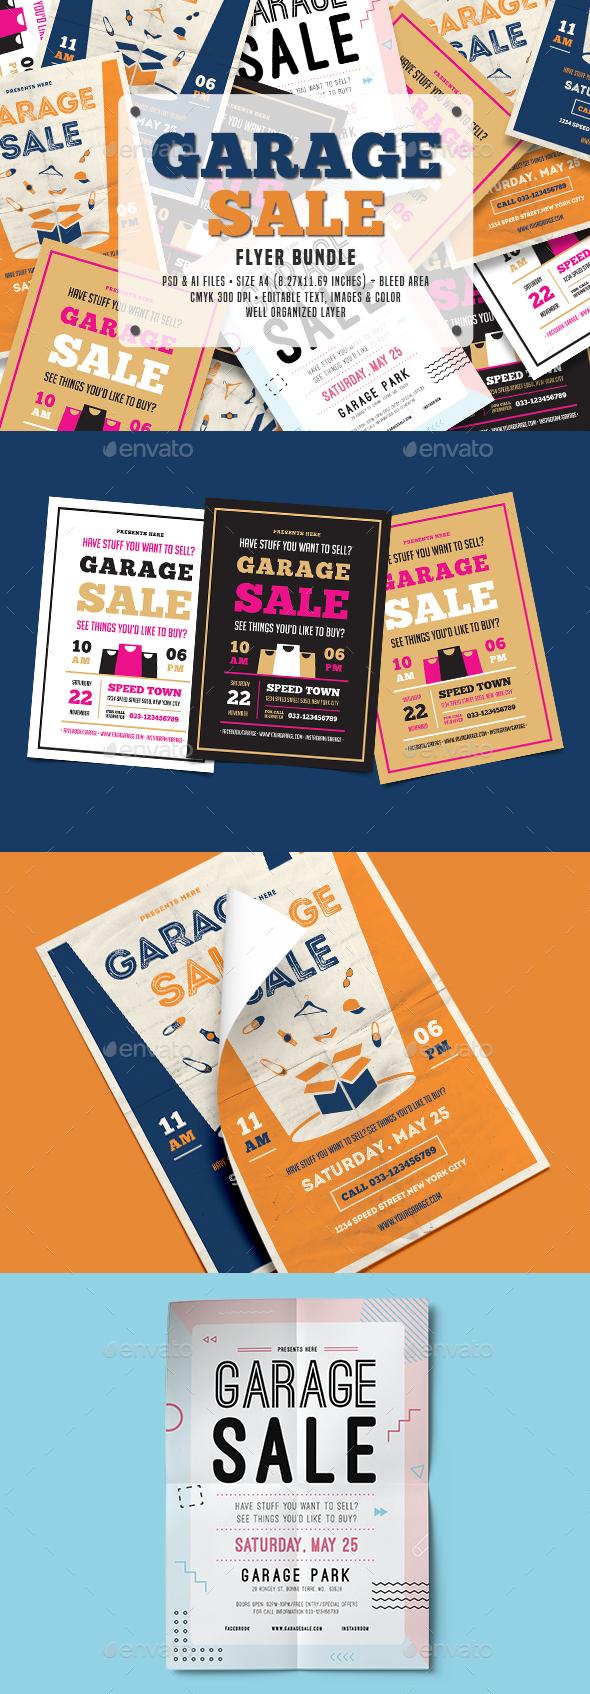 GraphicRiver Garage Sale Flyer Bundle 20629640